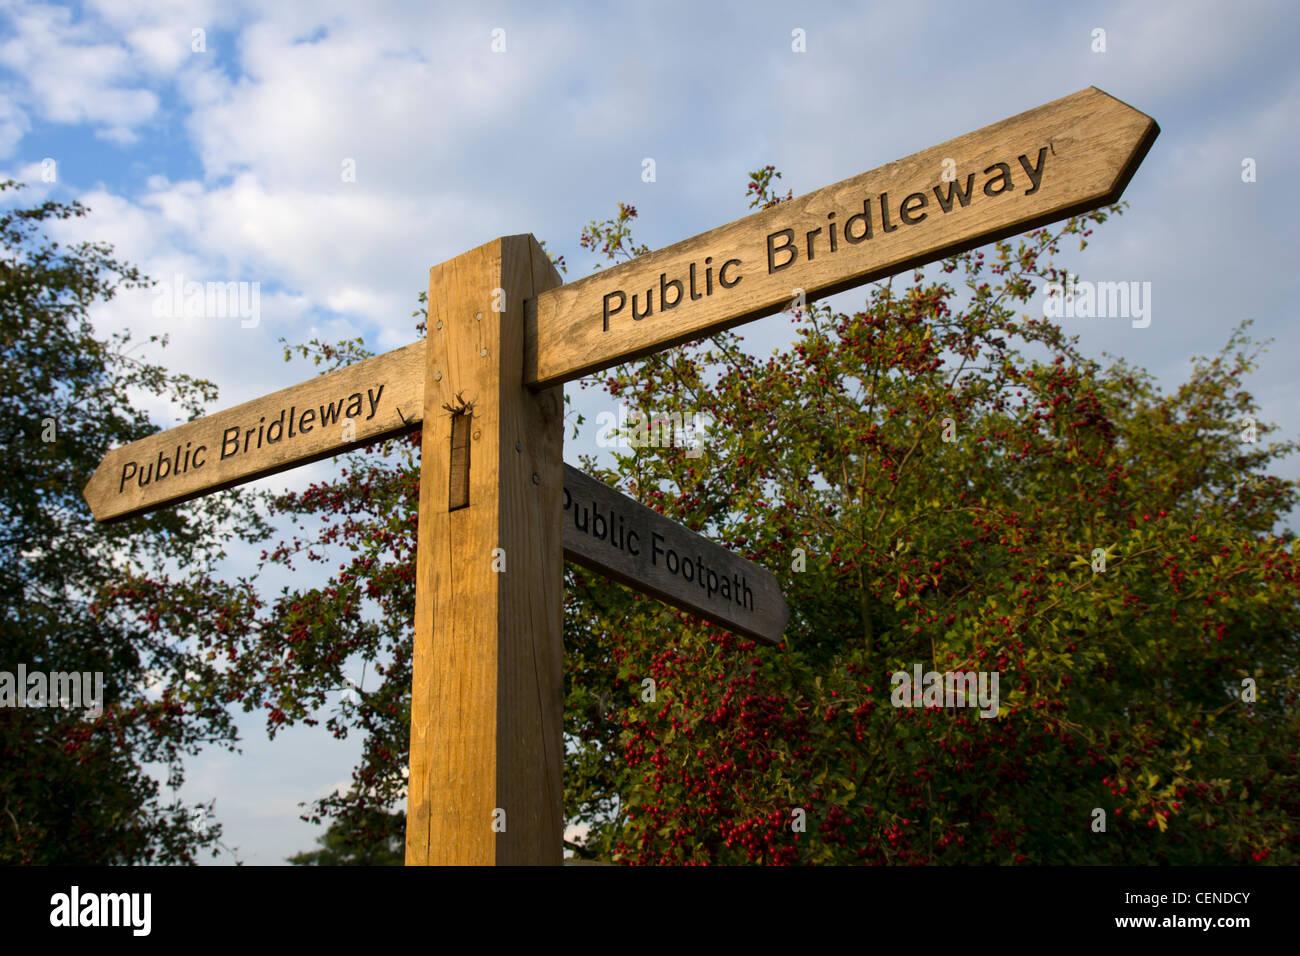 UK, England, Surrey, public bridleway signpost - Stock Image